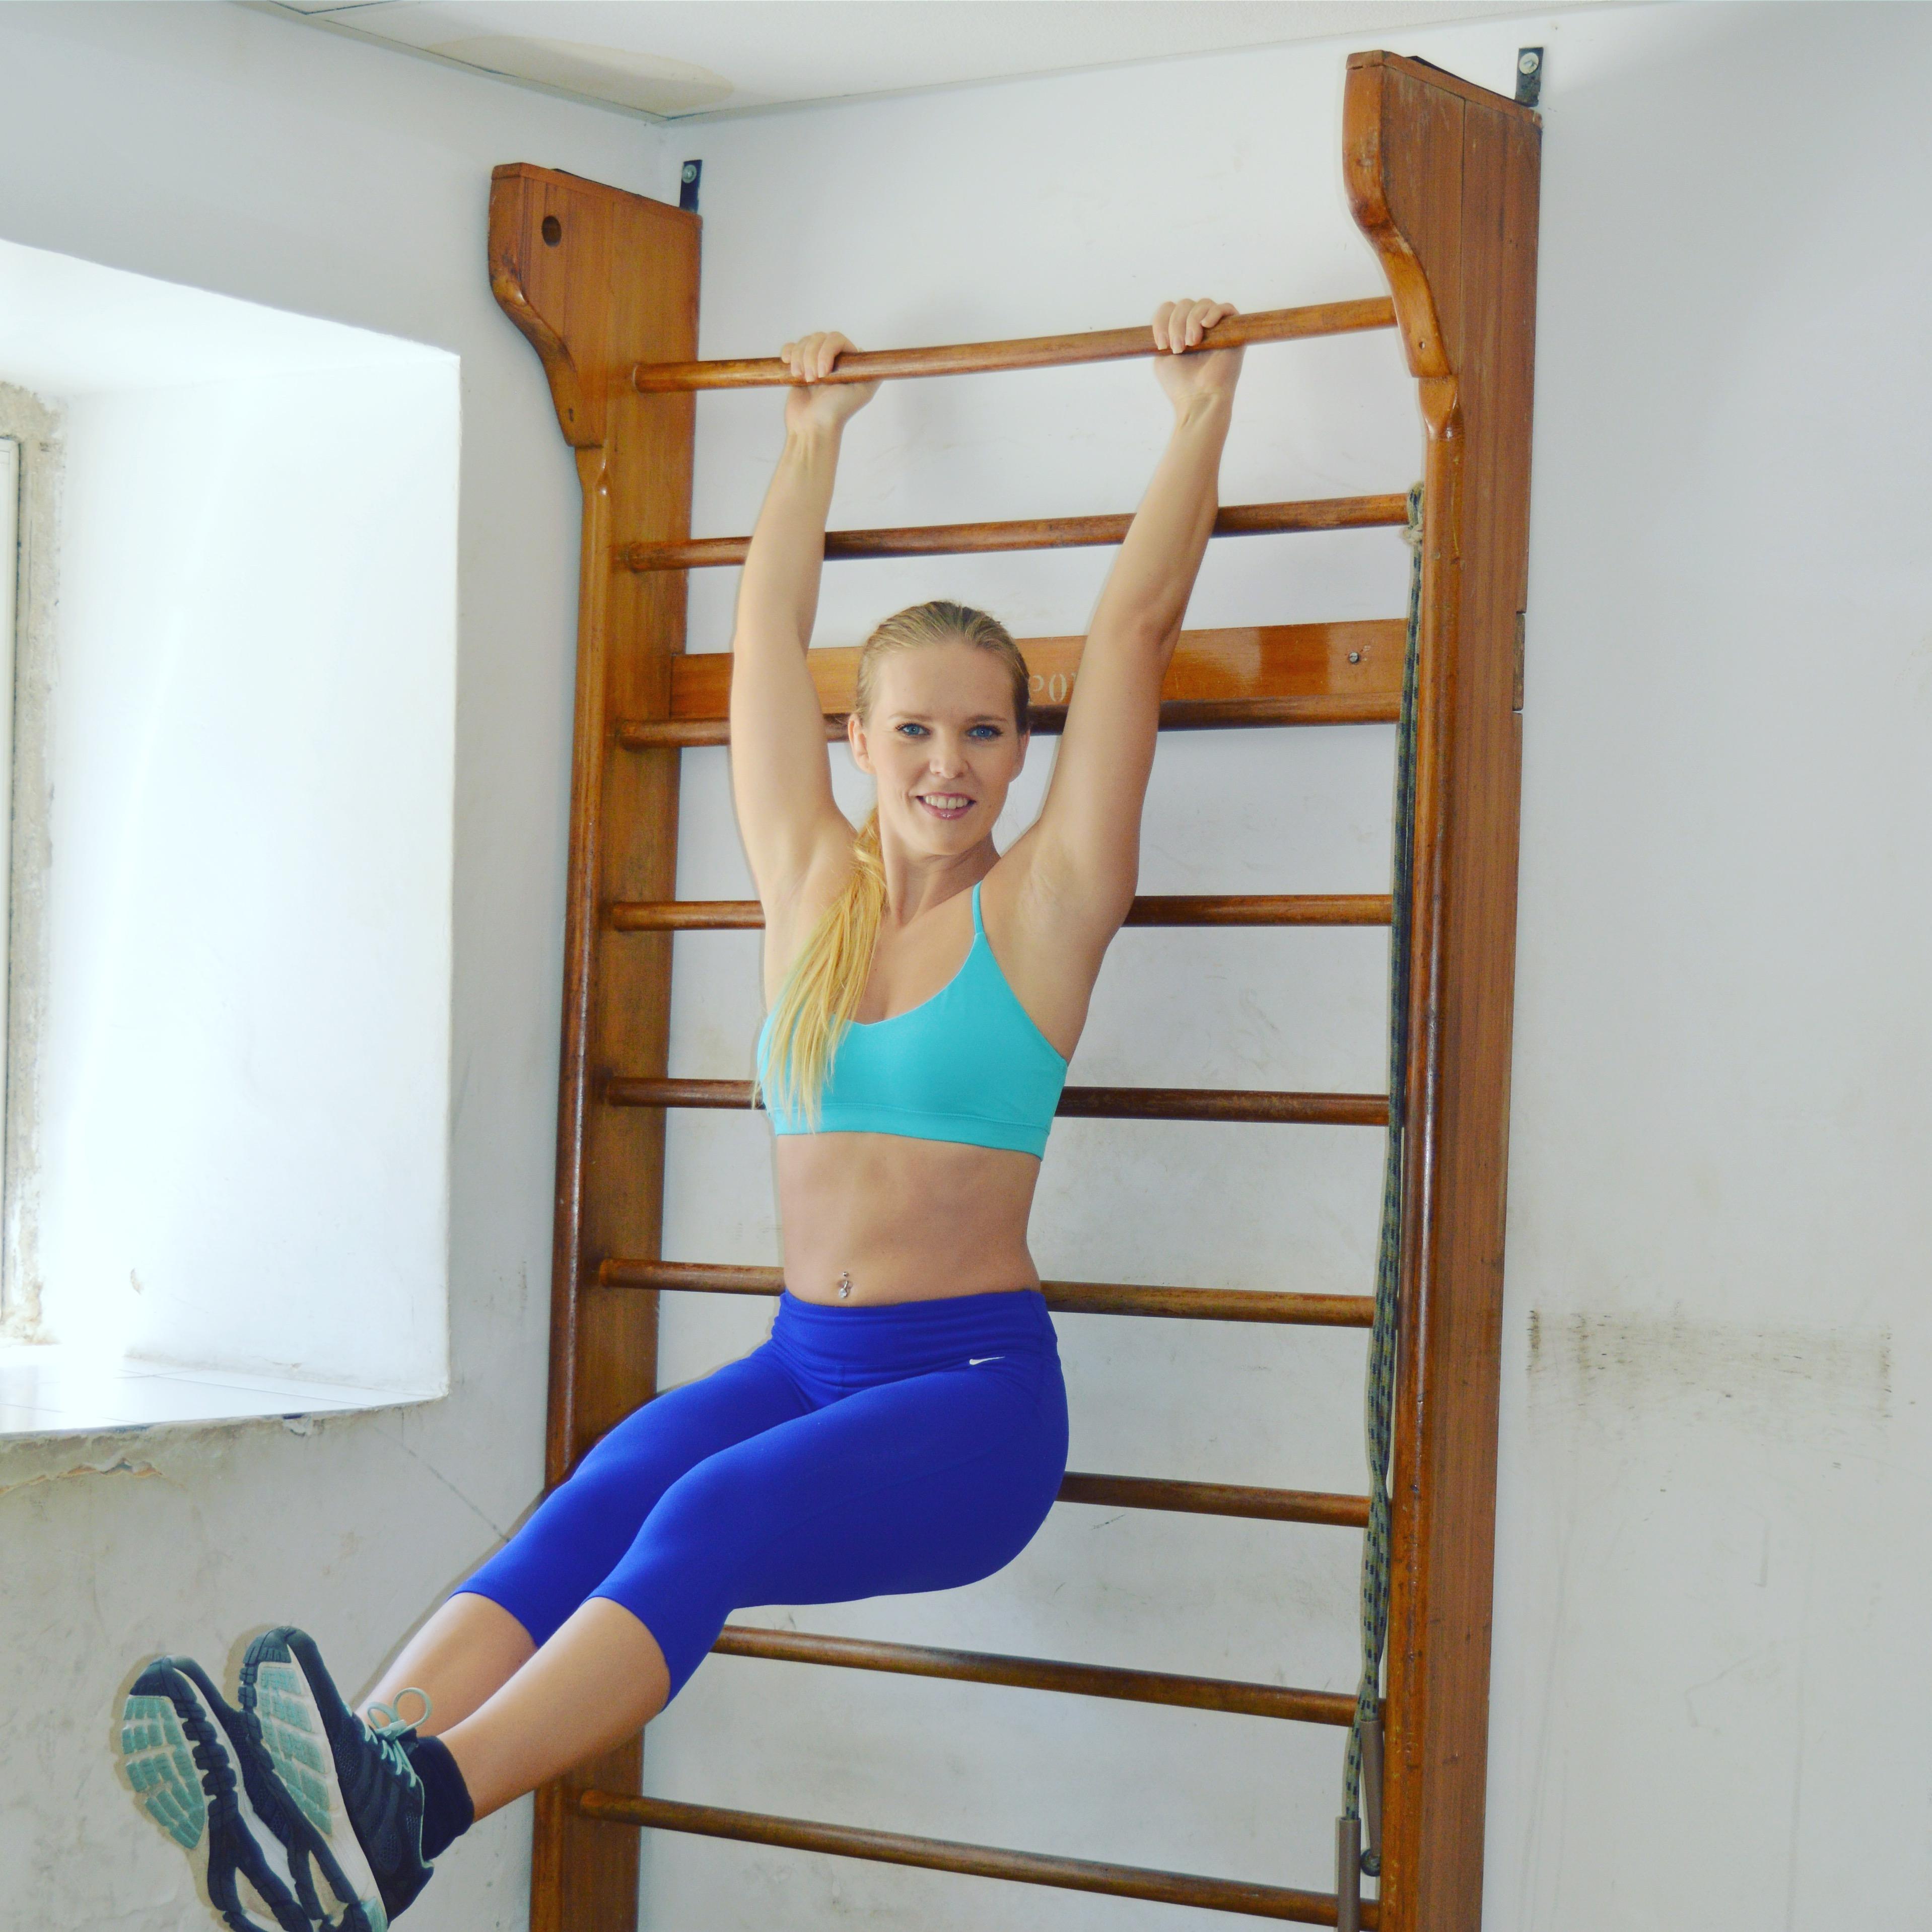 Vältränad mage med magrutor, benlyft i ribbstol